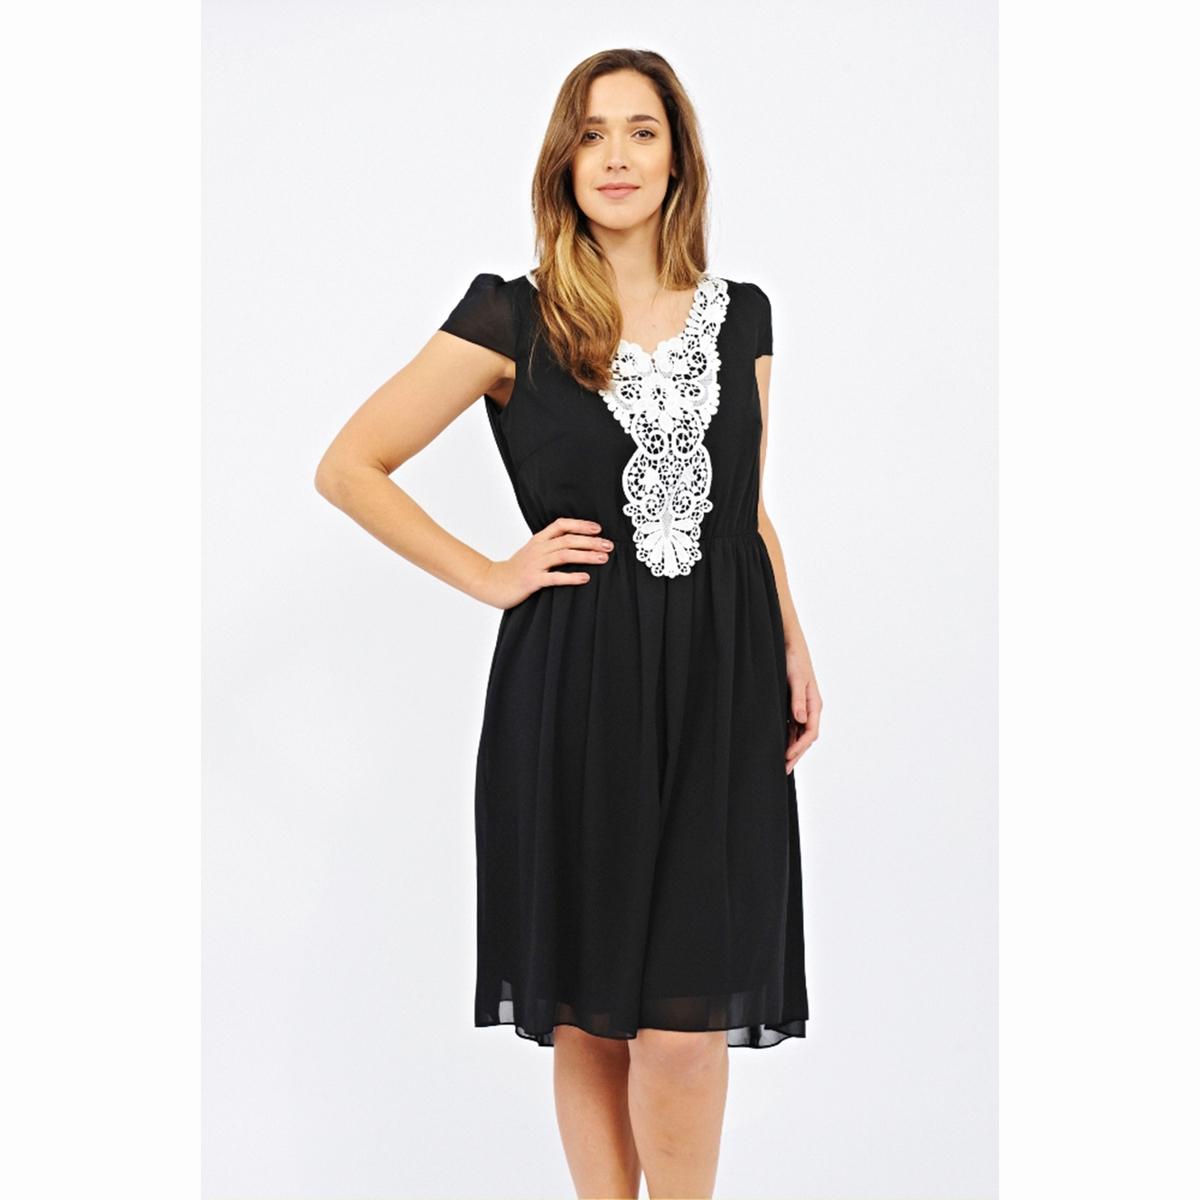 ПлатьеПлатье LOVEDROBE. Красивое кружево спереди . Более длинное сзади . Длина ок. 104 см . 100% полиэстер<br><br>Цвет: черный